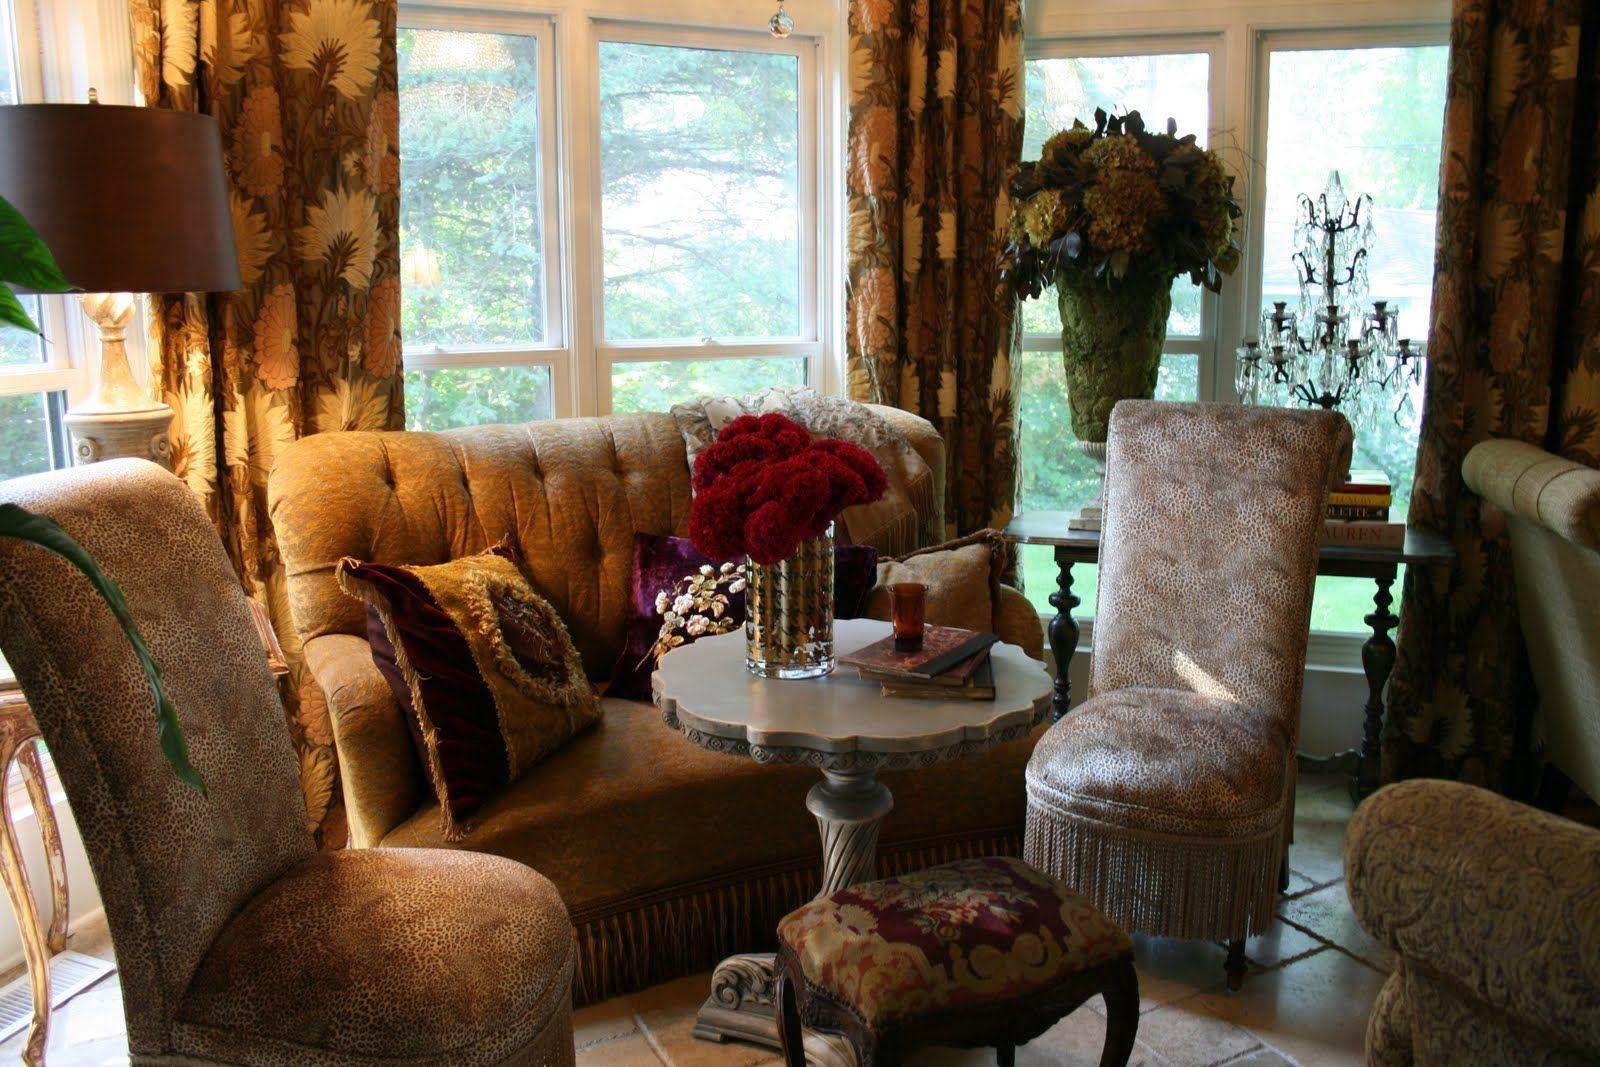 Really nice room | Comfy cozy home, Living decor, Home